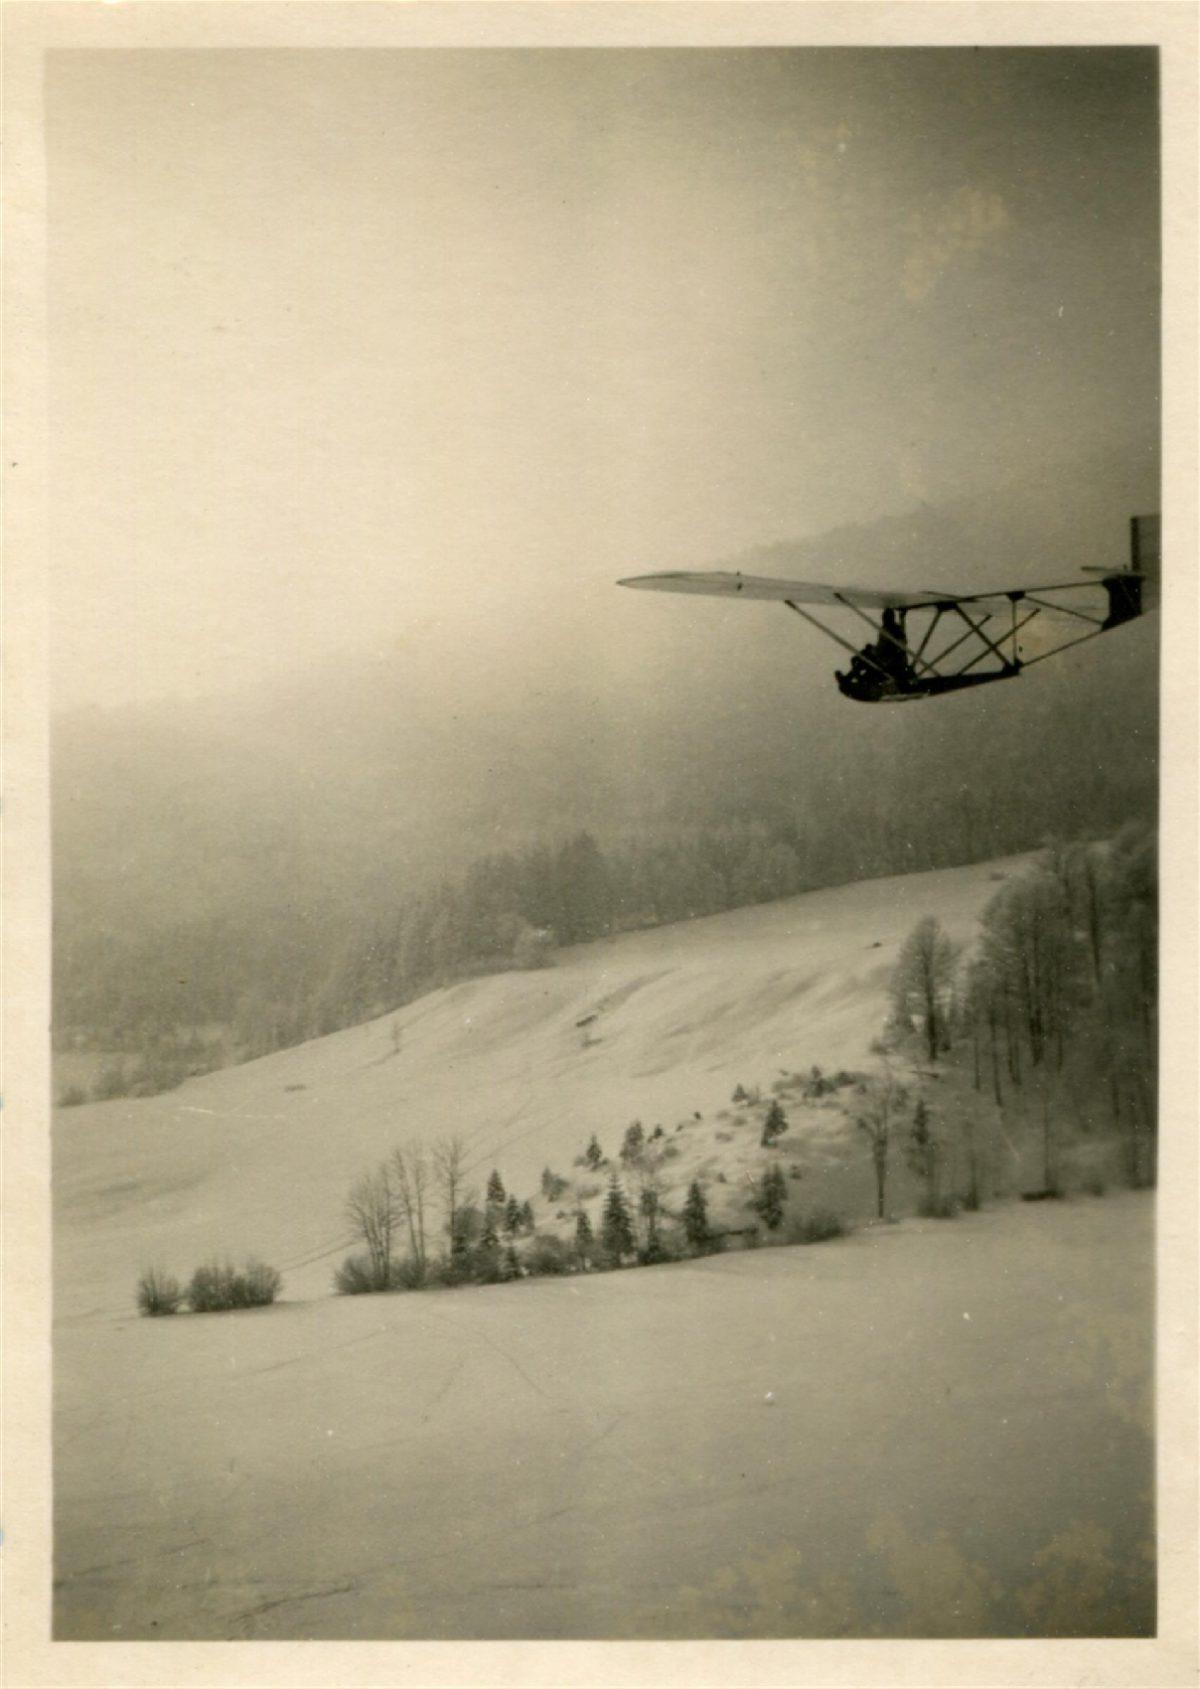 Segelflug am Gaisberg: Die Anfänge der Segelfliegerei am Hausberg der Salzburger